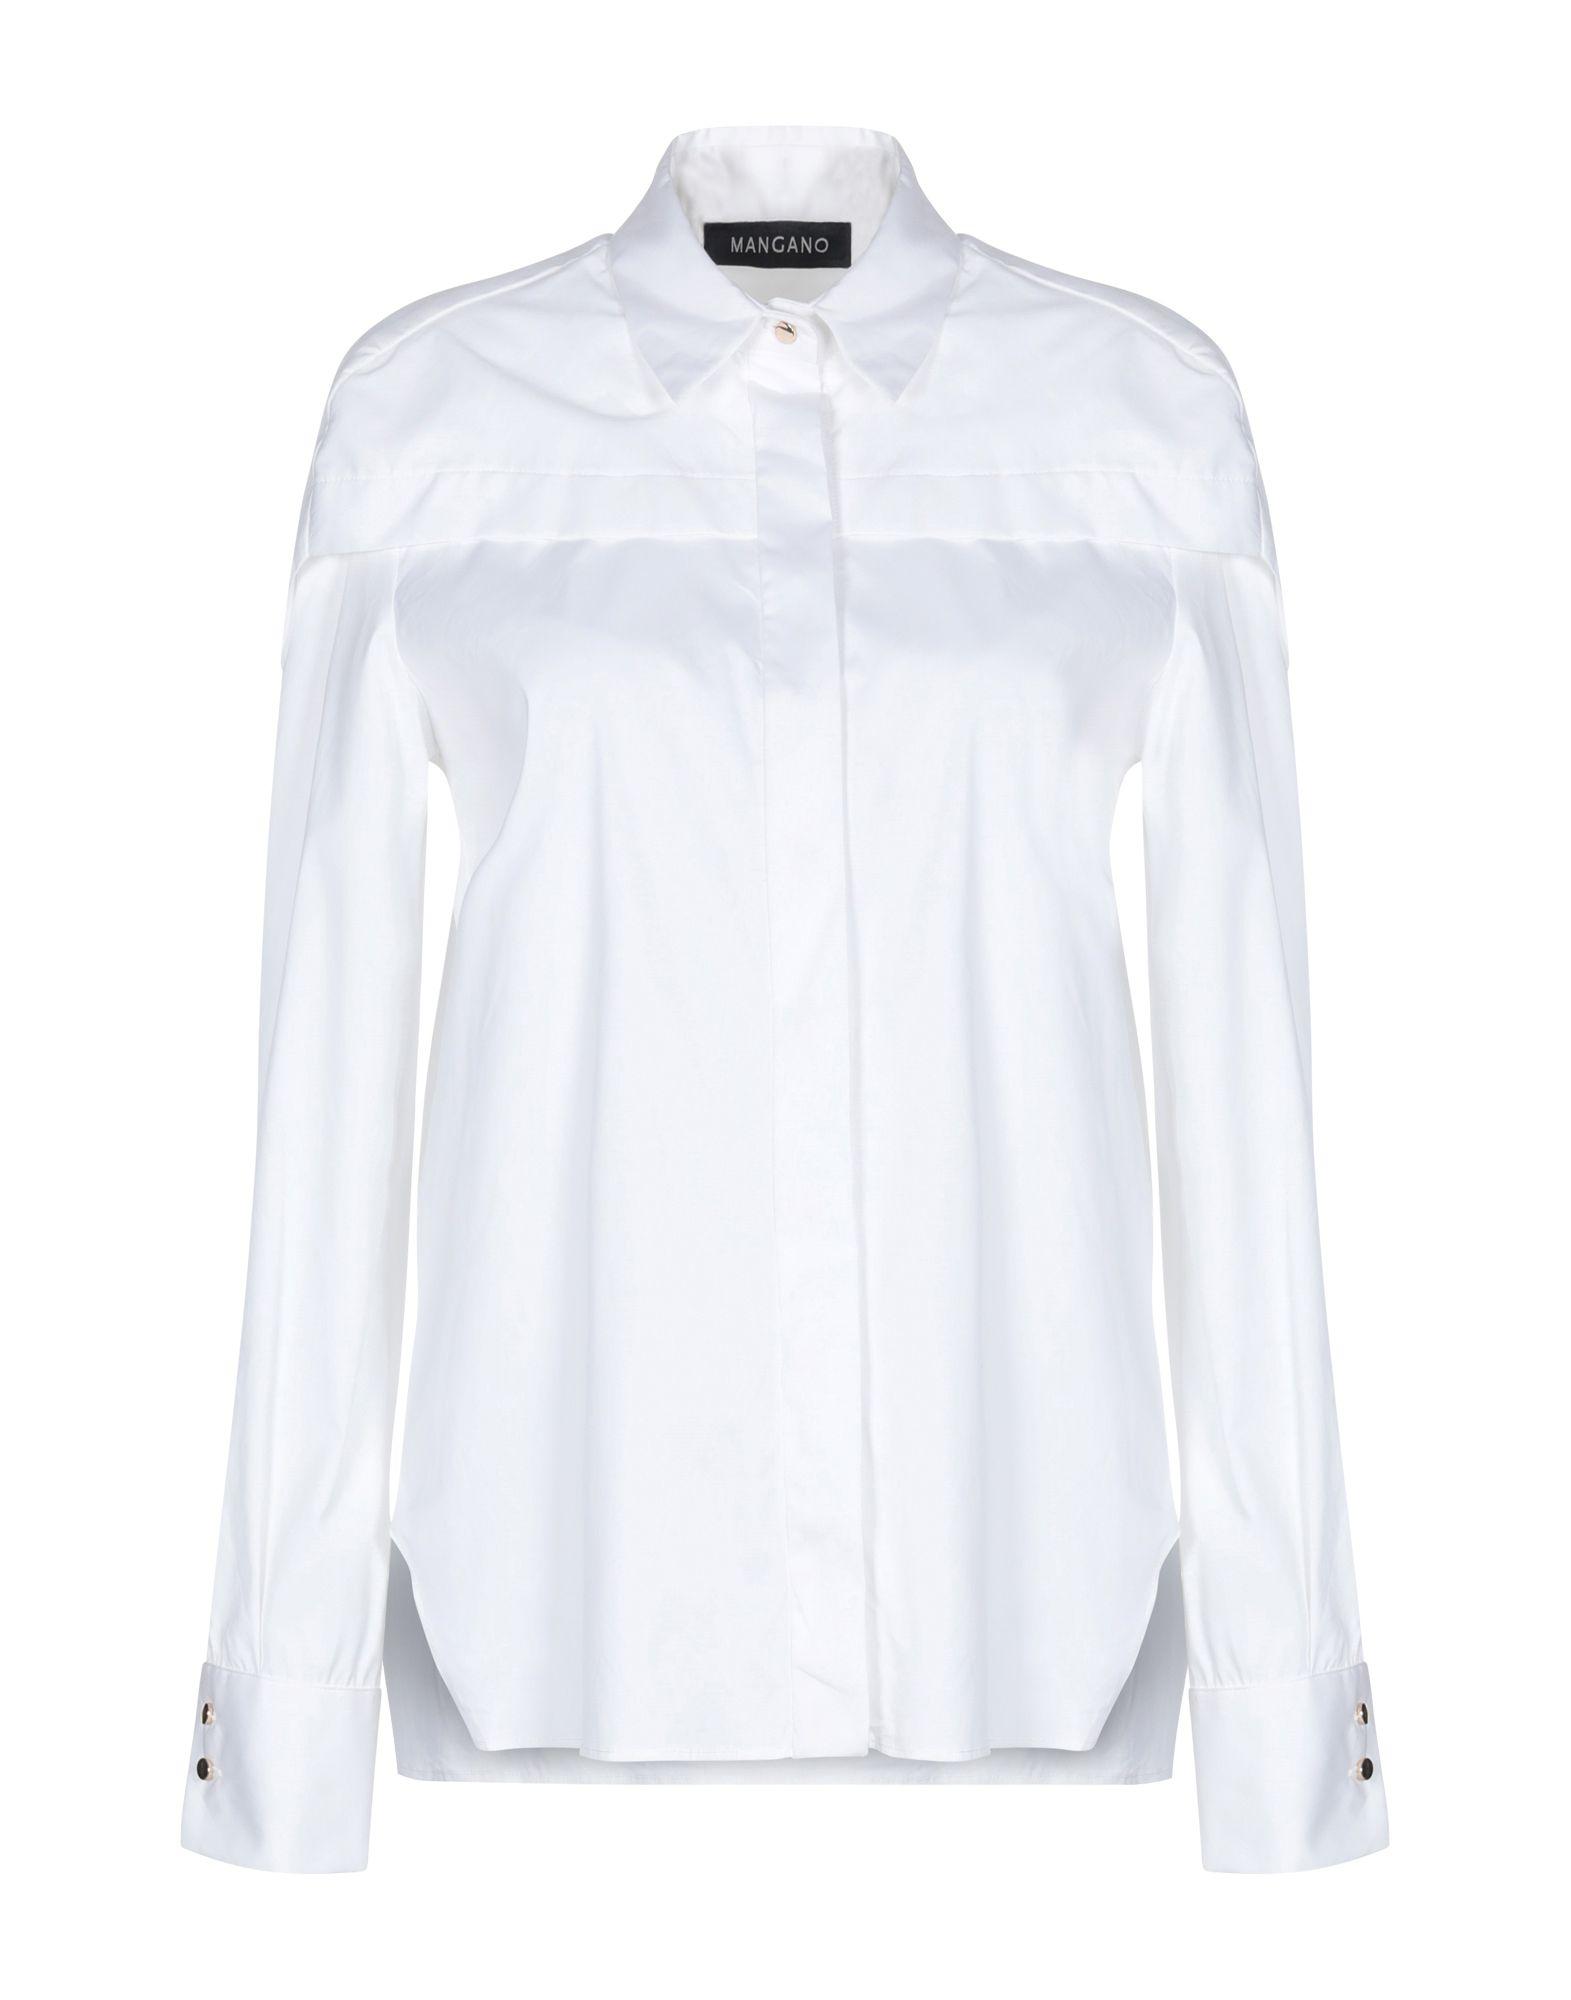 MANGANO Pубашка футболка с полной запечаткой для мальчиков printio battlefield